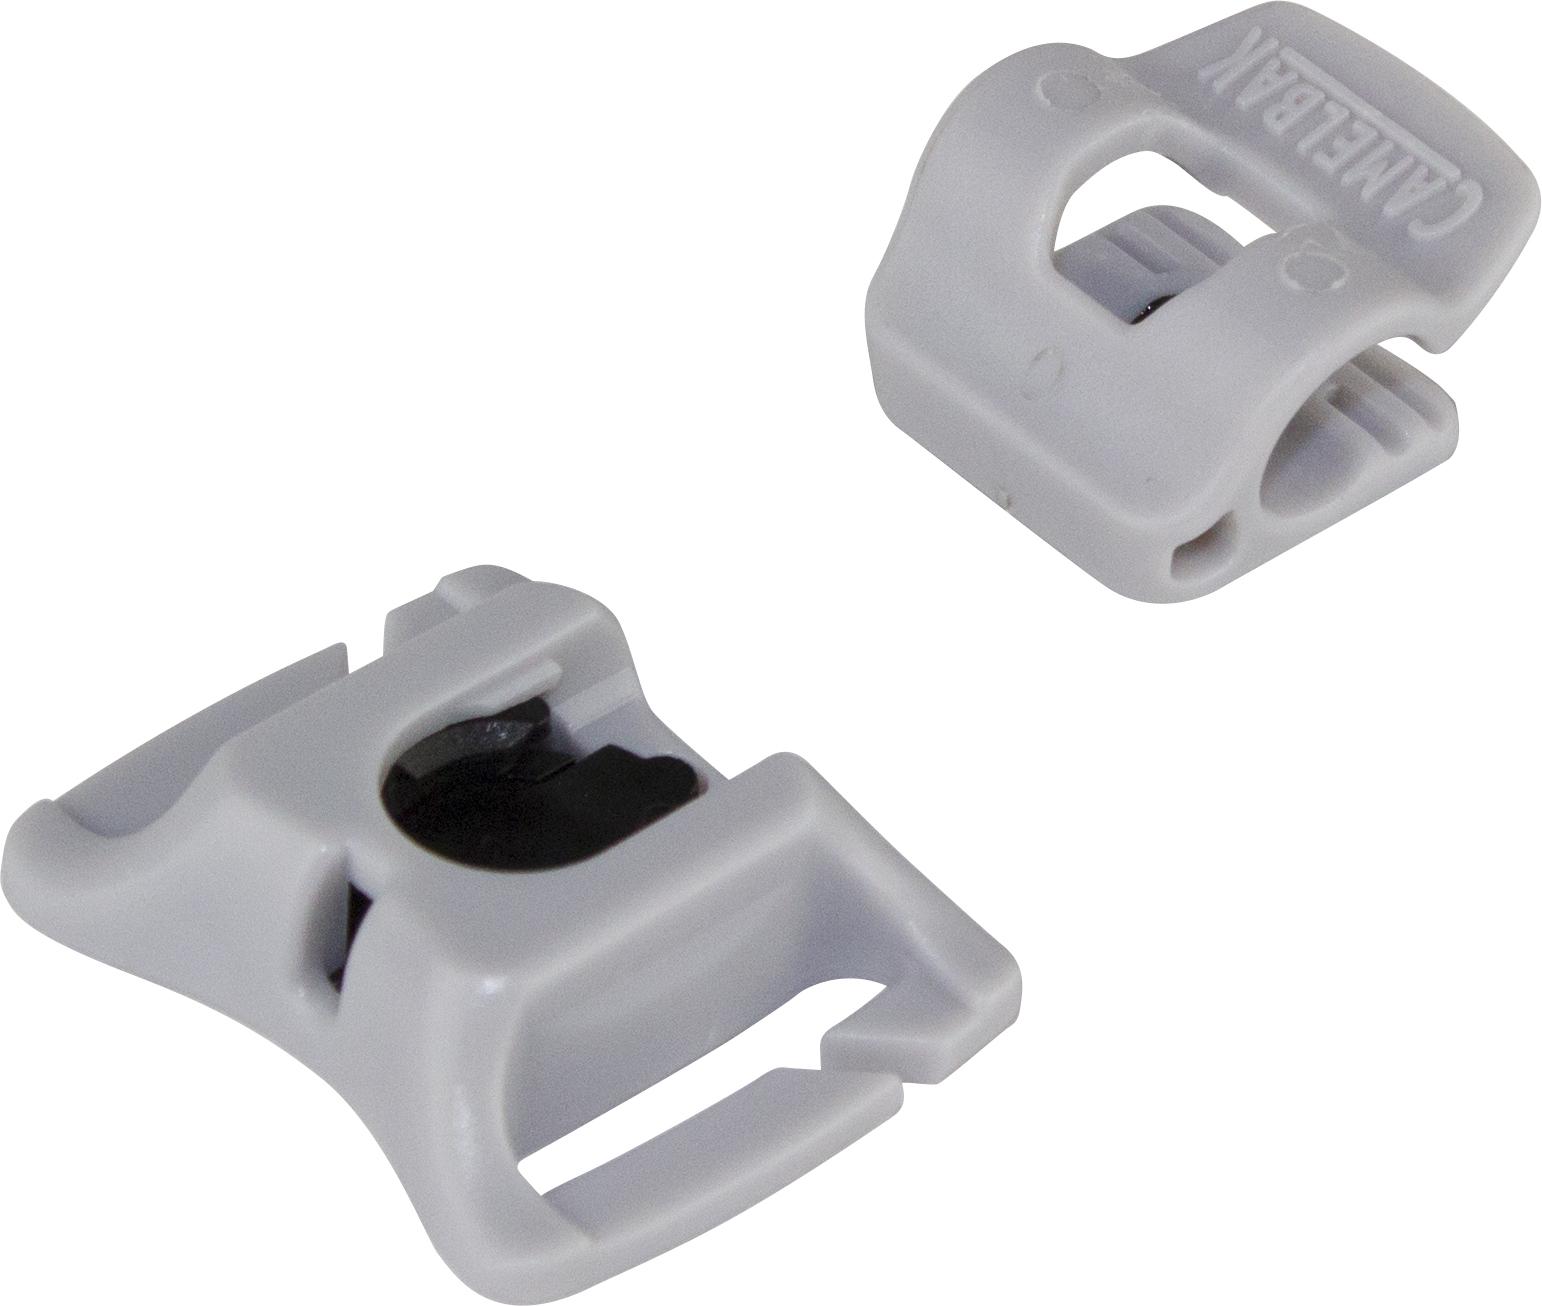 Camelbak Attache magnétique pour tuyau d'hydratation